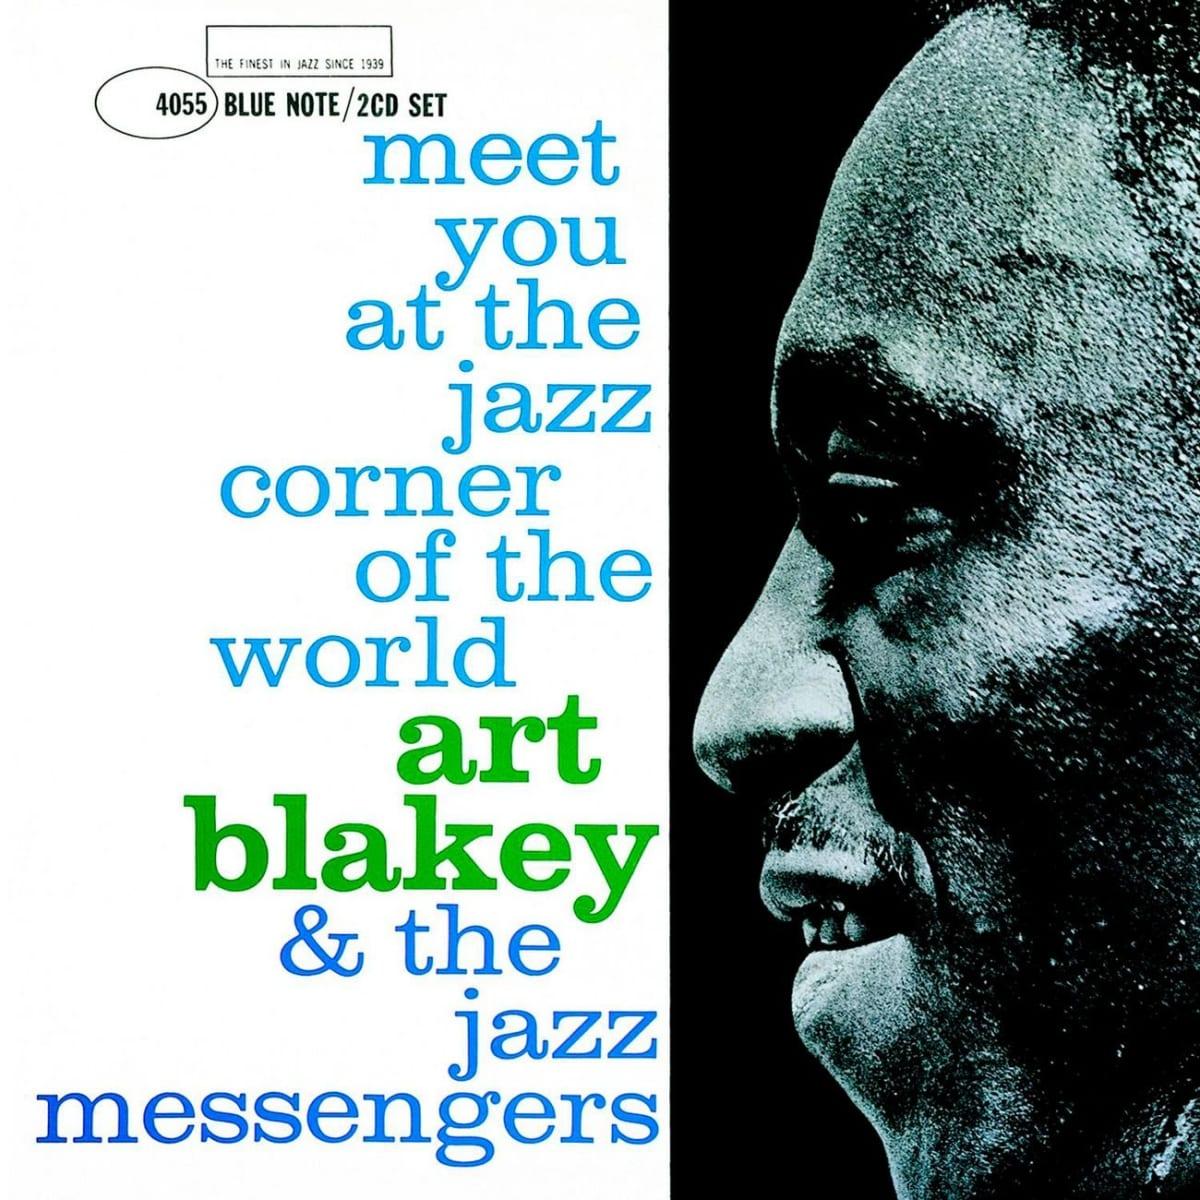 アート・ブレイキー&ジャズ・メッセンジャーズ『Meet You at the Jazz Corner of the World, Vol. 1